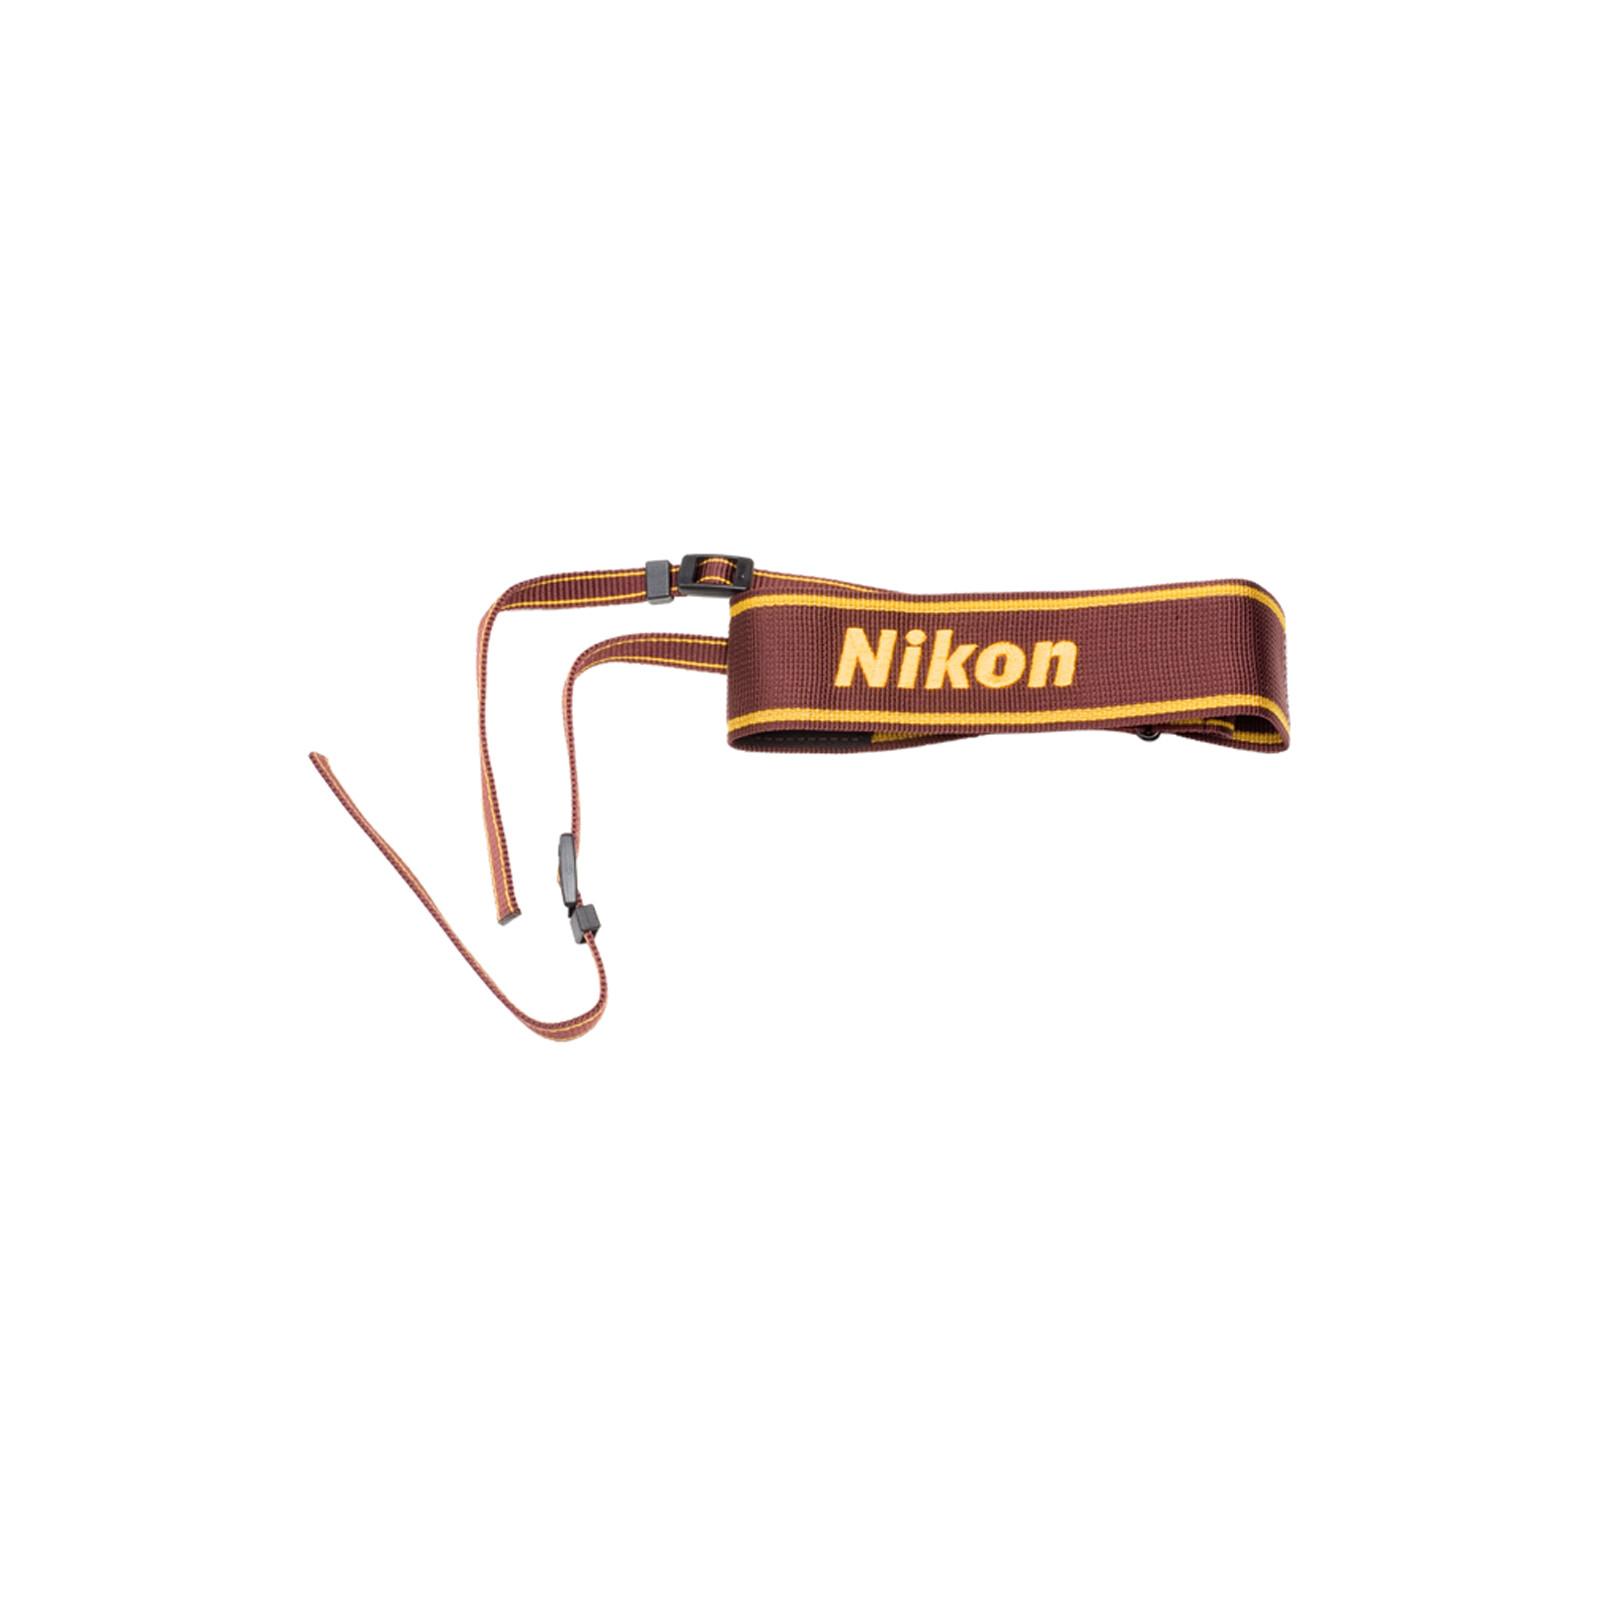 Nikon AN-6W Riemen